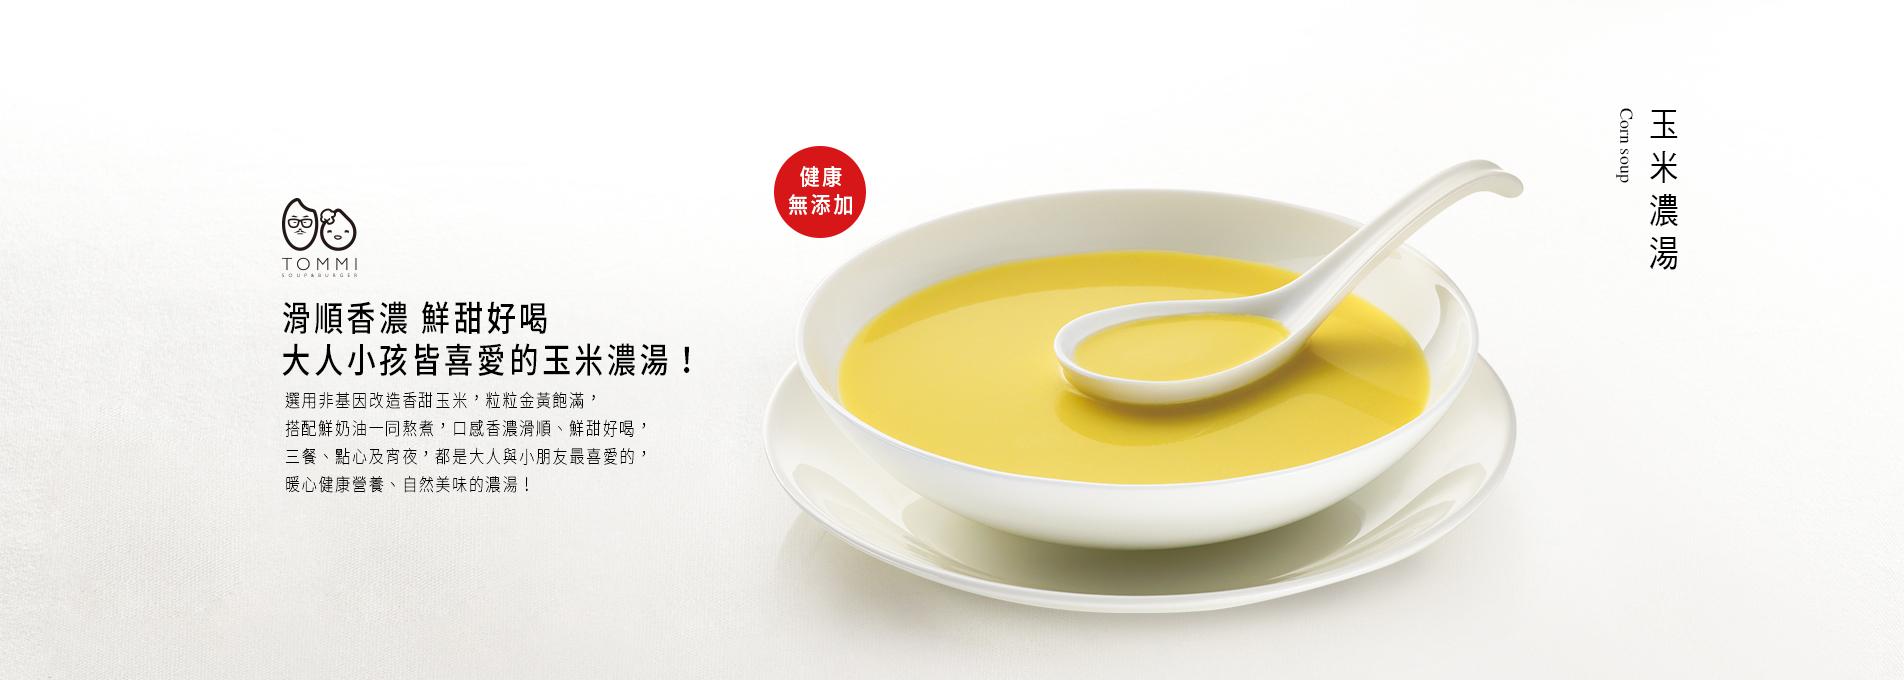 TOMMI湯米 玉米濃湯(10入)